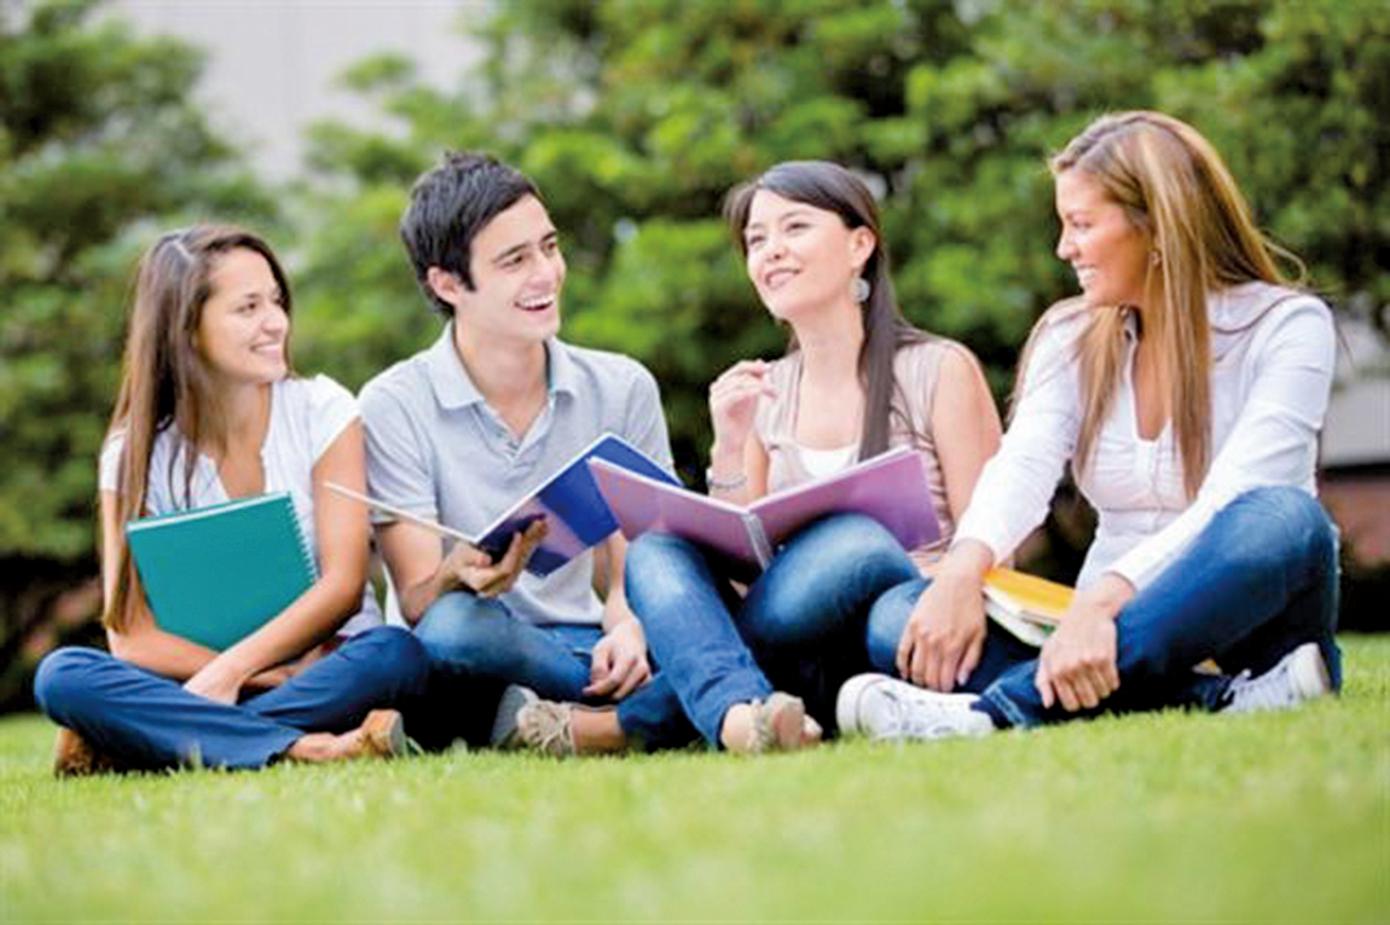 有的人給人們感覺很有親和力,容易得到朋友的喜愛,有的人則不太擅長交際,想擁有好人緣,或可試試相處的心理技巧。(Fotolia)